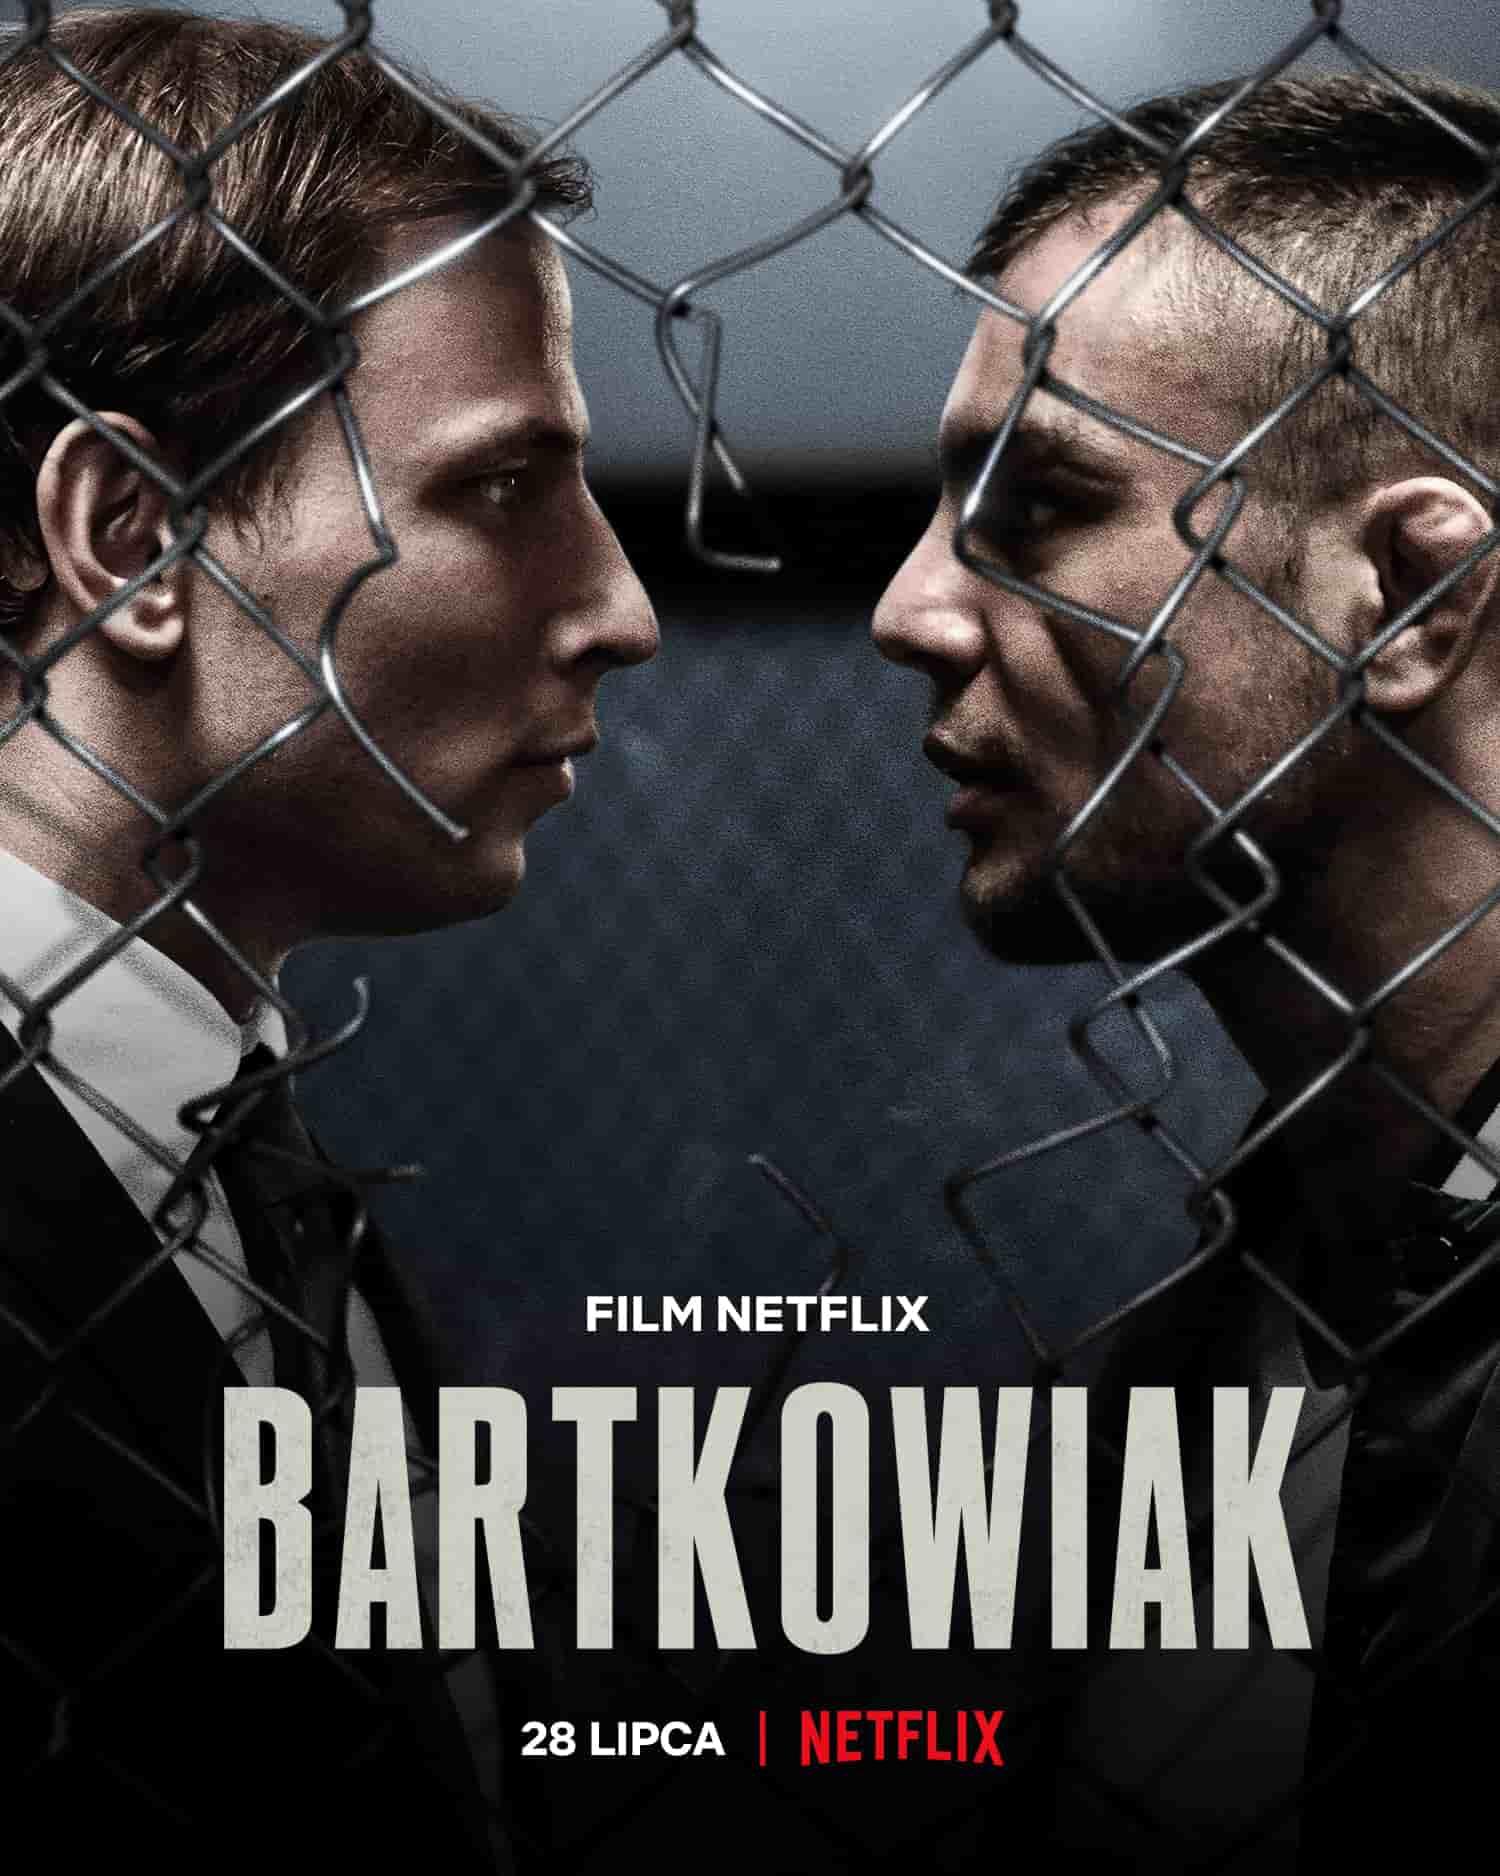 ดูหนังใหม่ BartKowiak (2021) บาร์ตโคเวียก: แค้นนักสู้